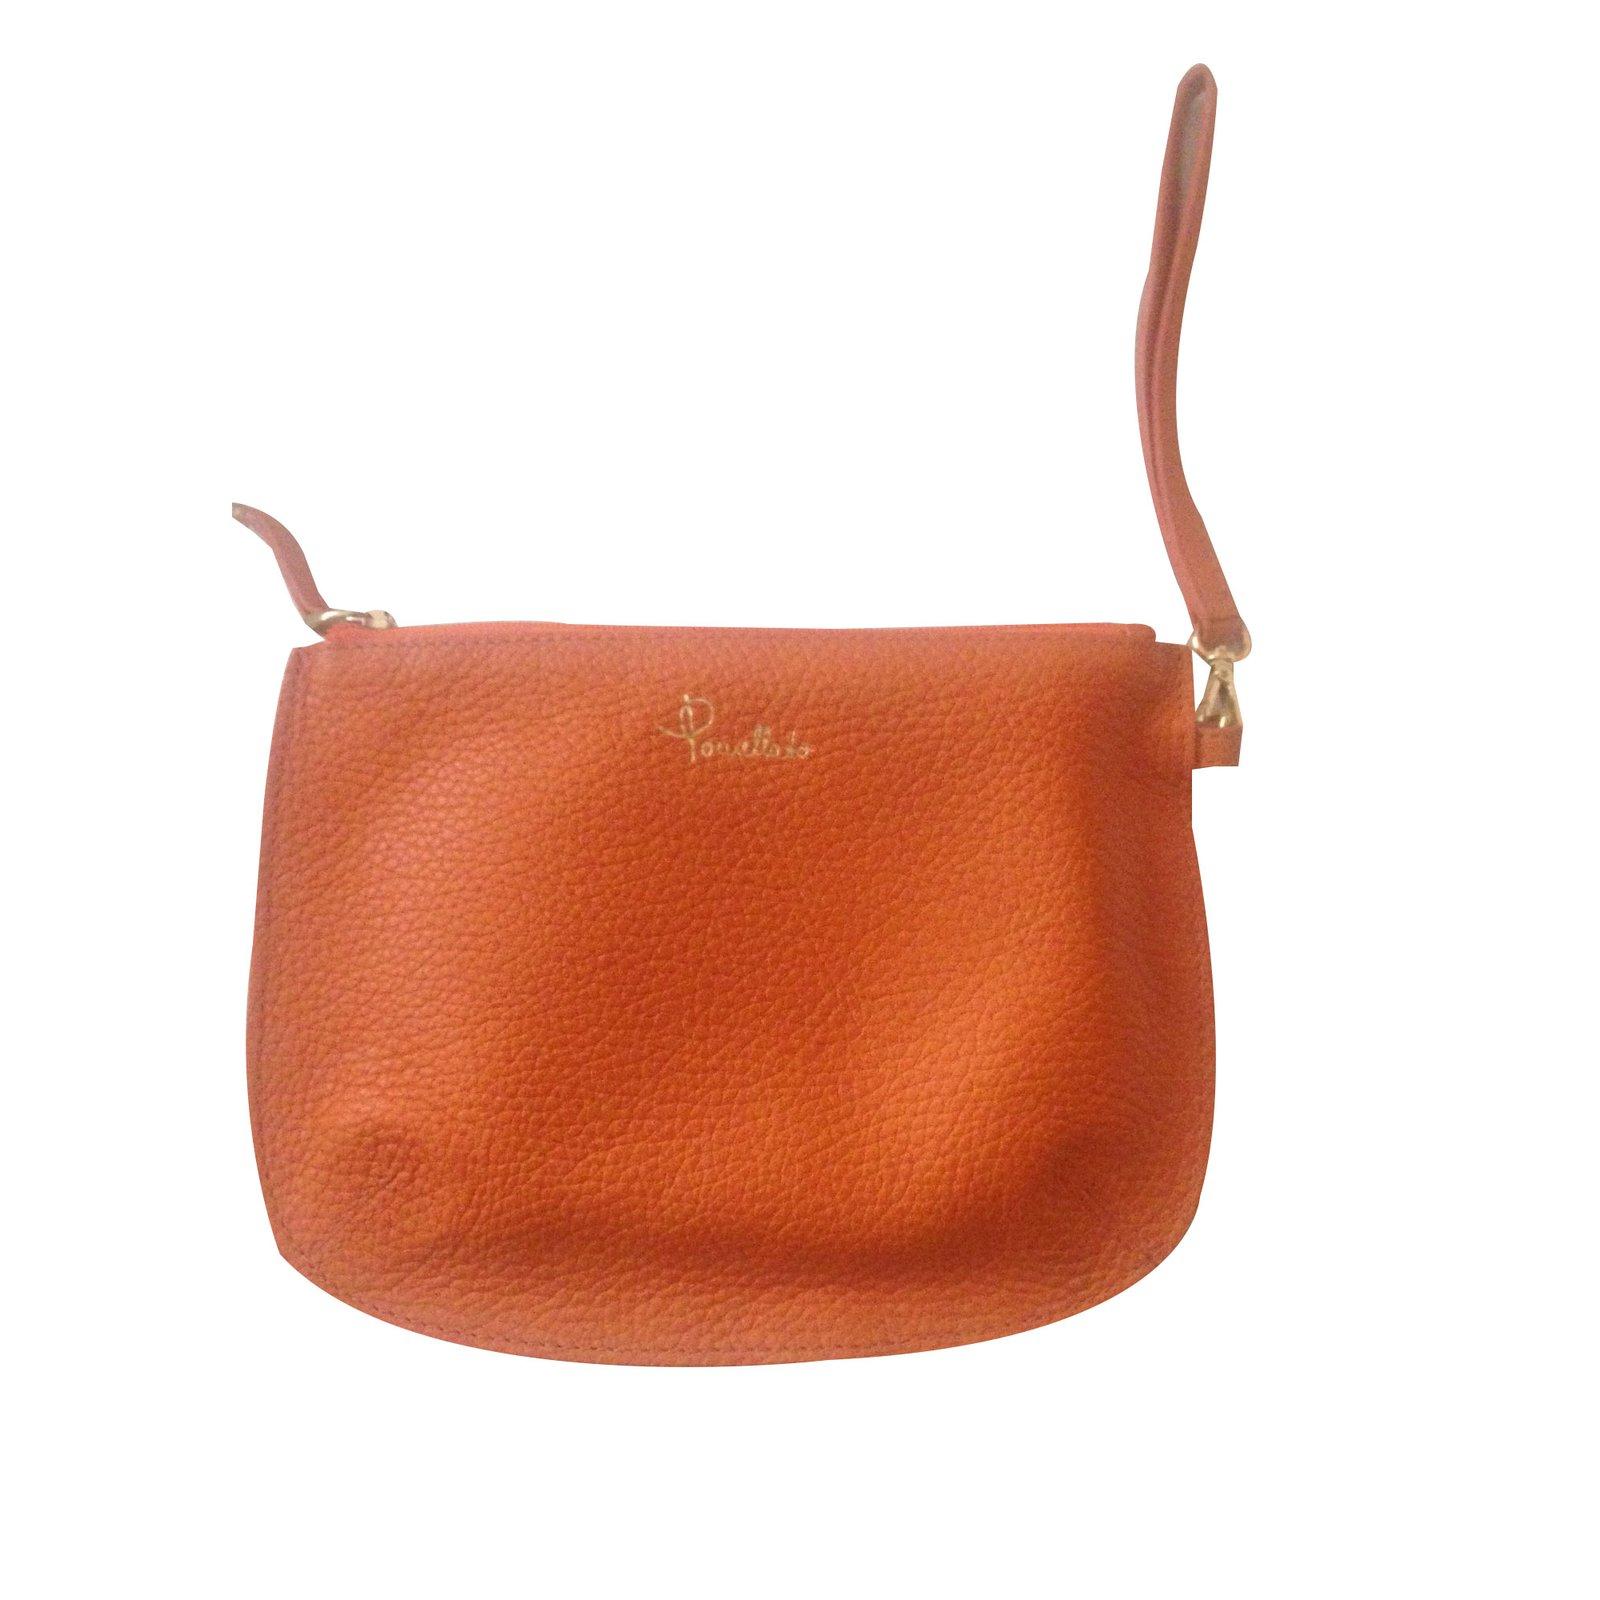 Pomellato Clutch Bag Bags Leather Orange Ref 34160